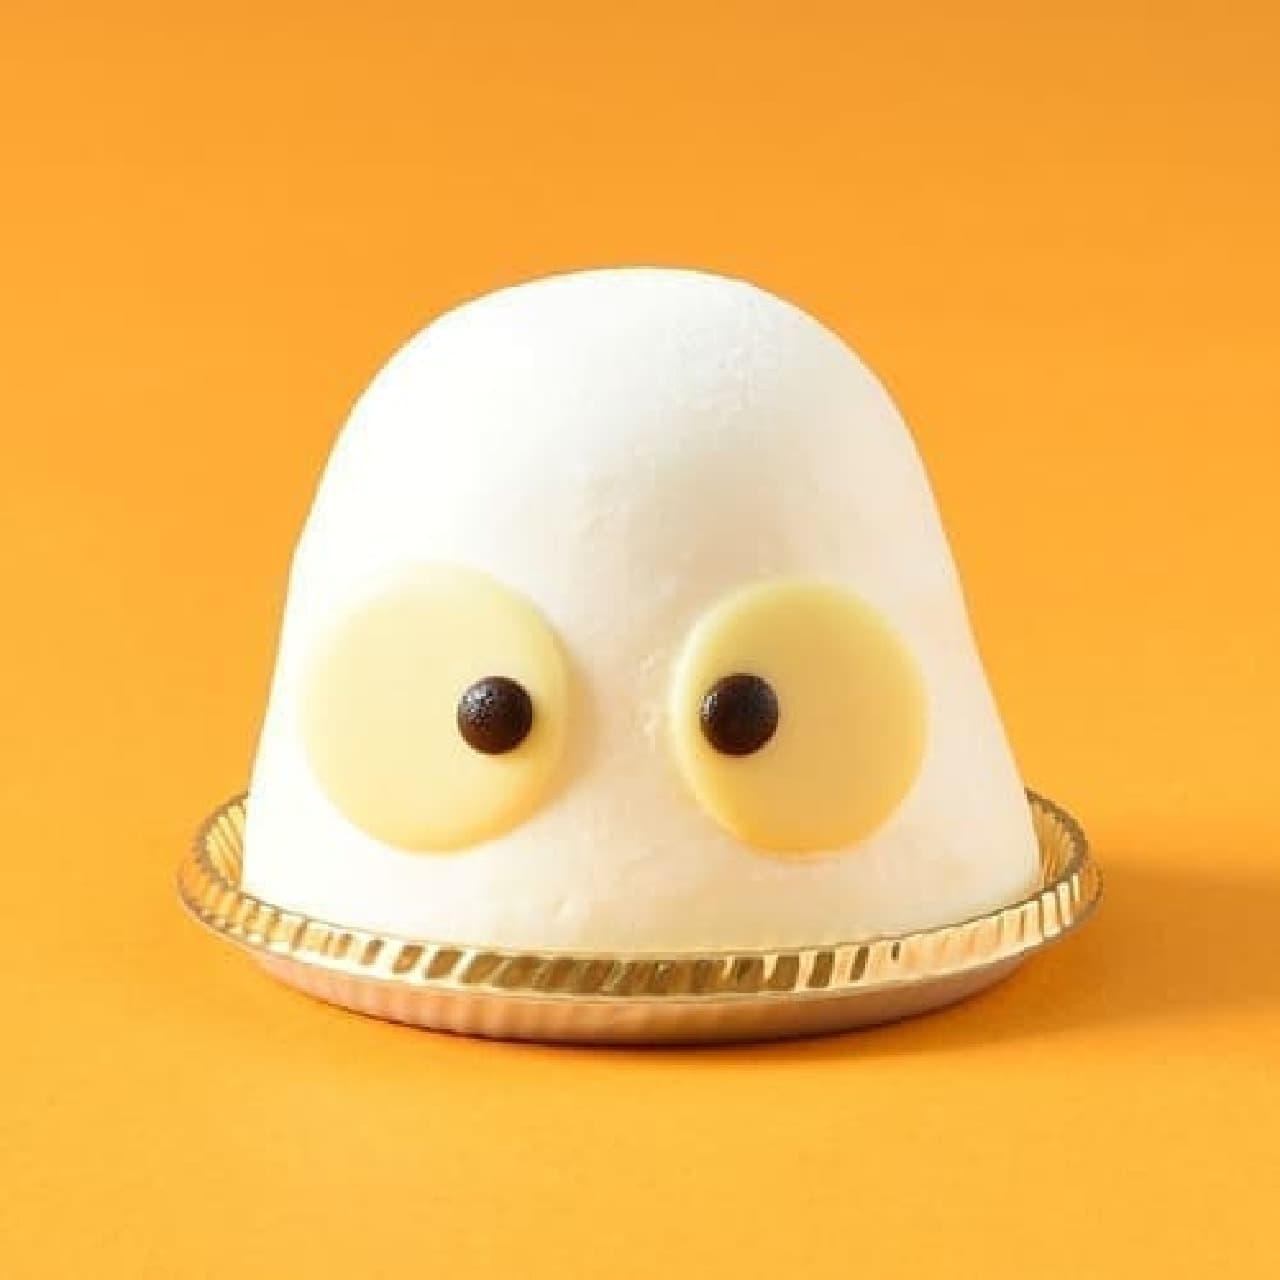 コロンバン「おばけショートケーキ」